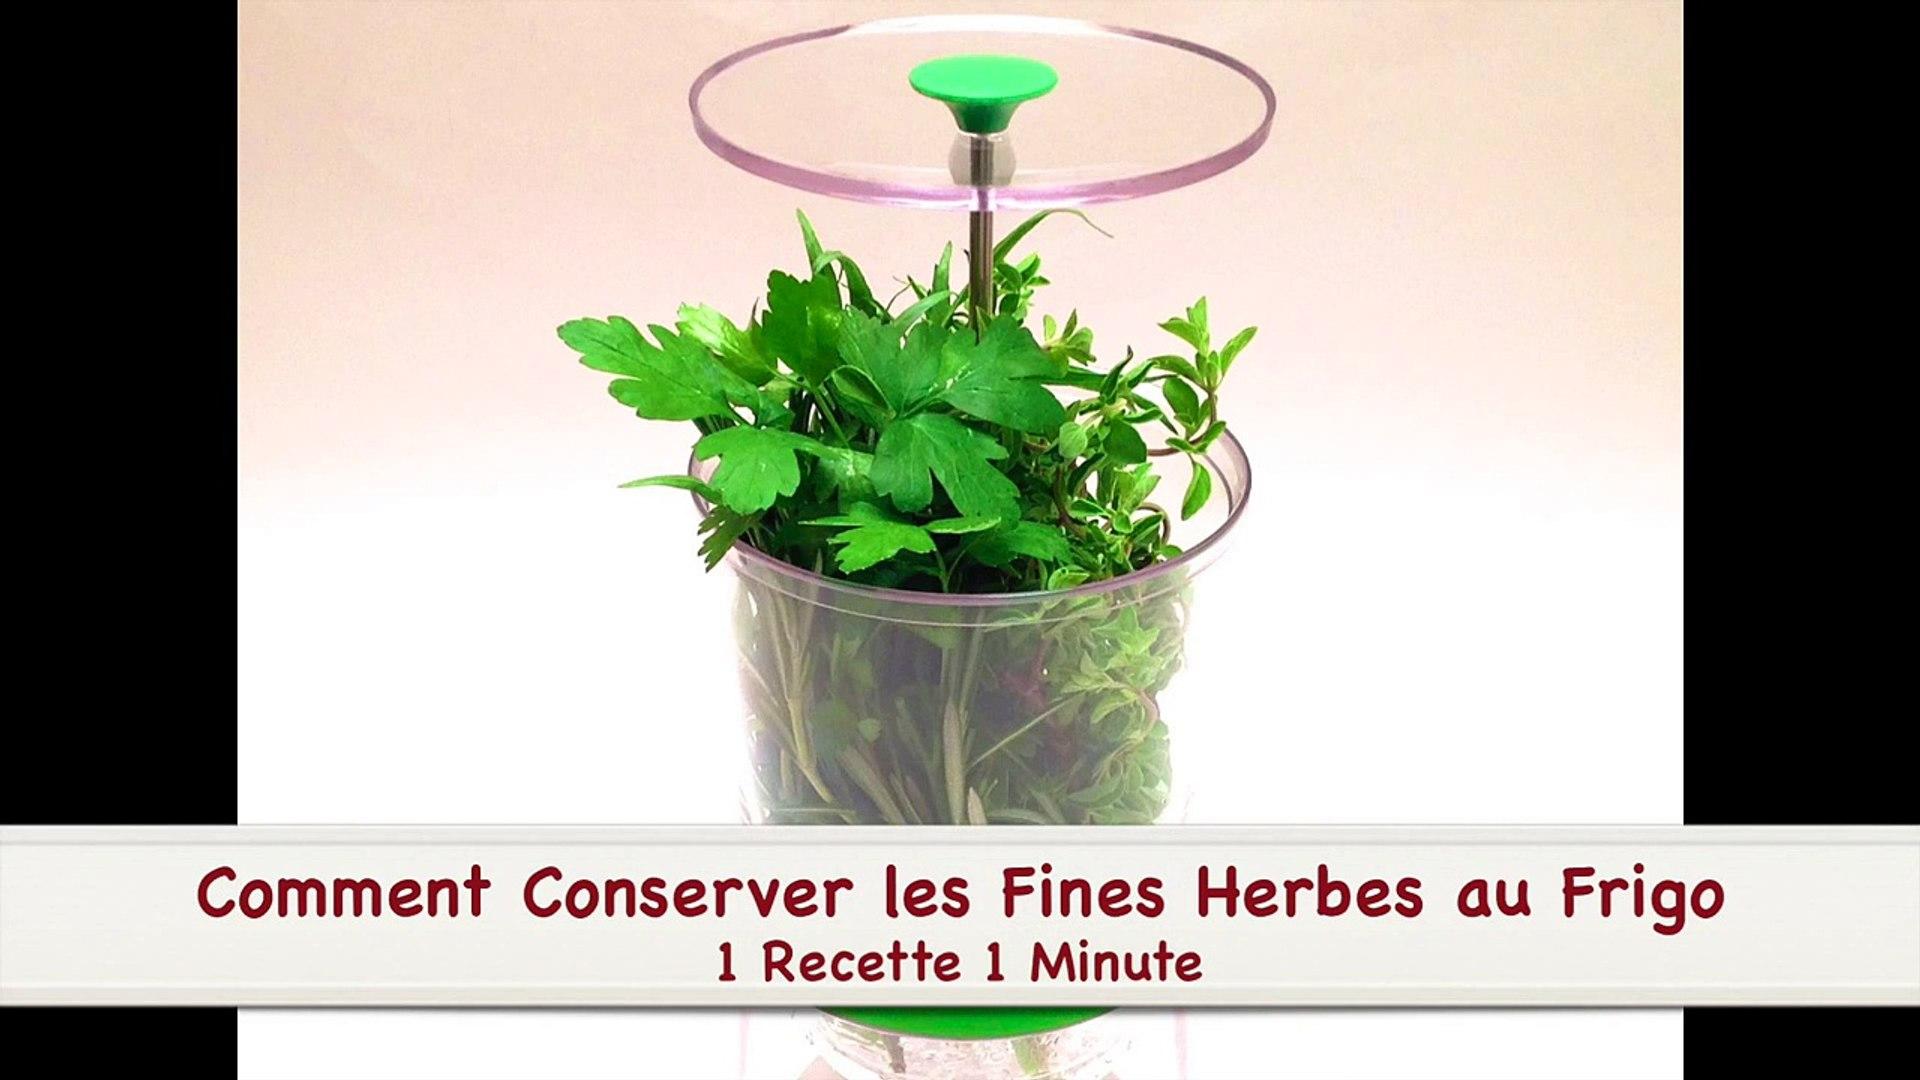 Comment Ranger Dans Un Frigo comment conserver les fines herbes au frigo (hd)-jpjpbpckqiu.mp4